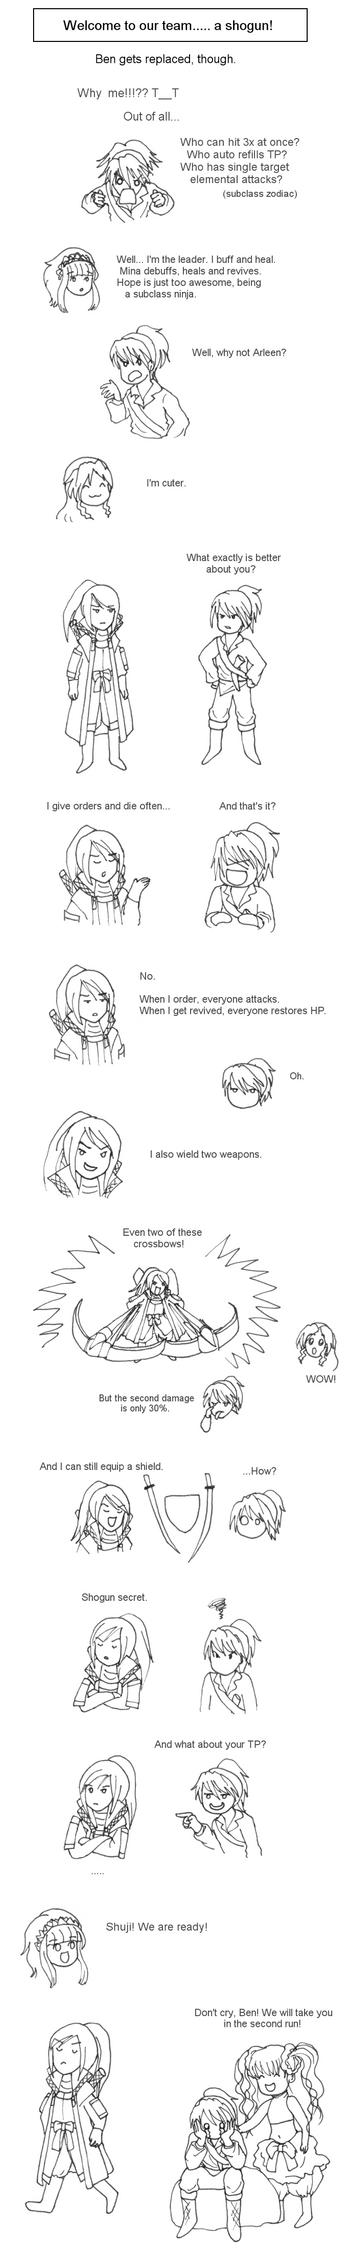 EO3: Ben vs Shuji by pralinkova-princezna